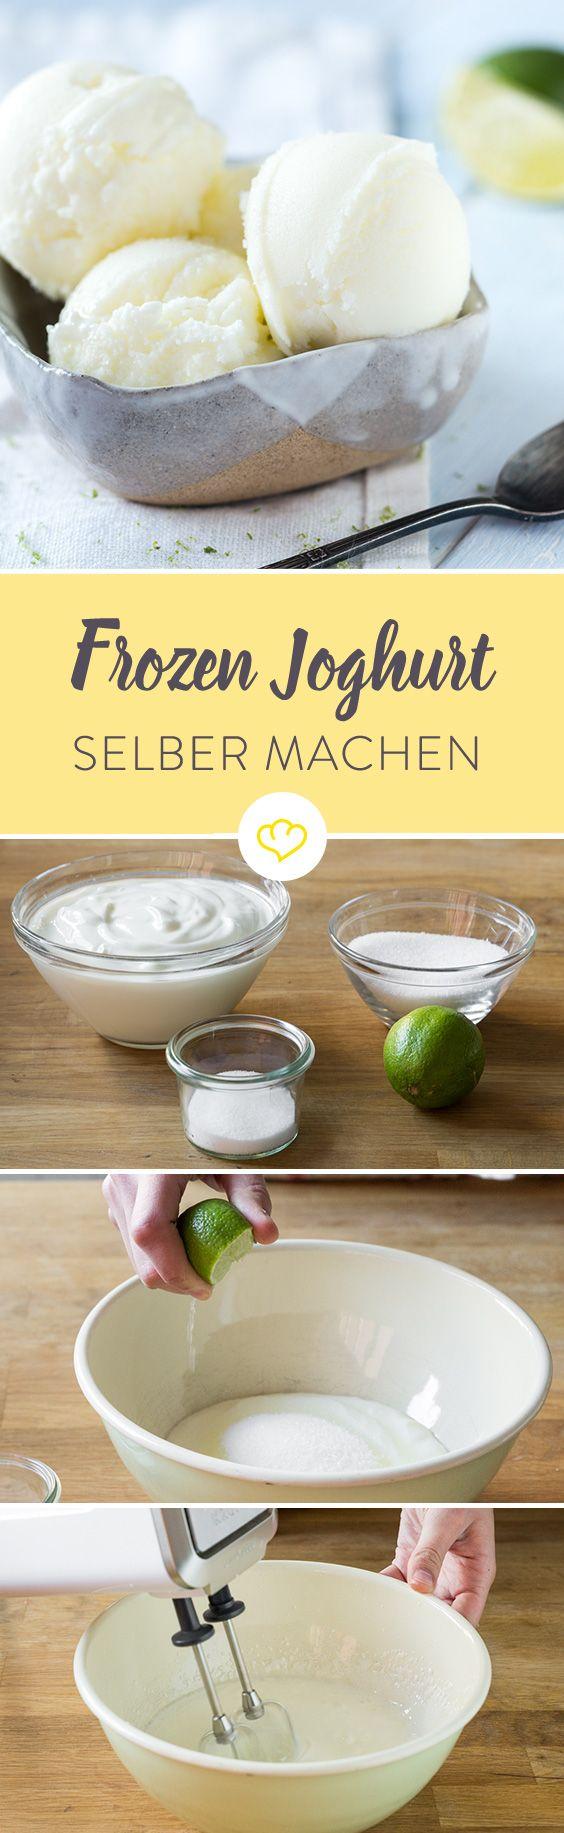 joghurt zitrone und limette mehr brauchst du nicht um frozen joghurt selbst zu machen noch. Black Bedroom Furniture Sets. Home Design Ideas